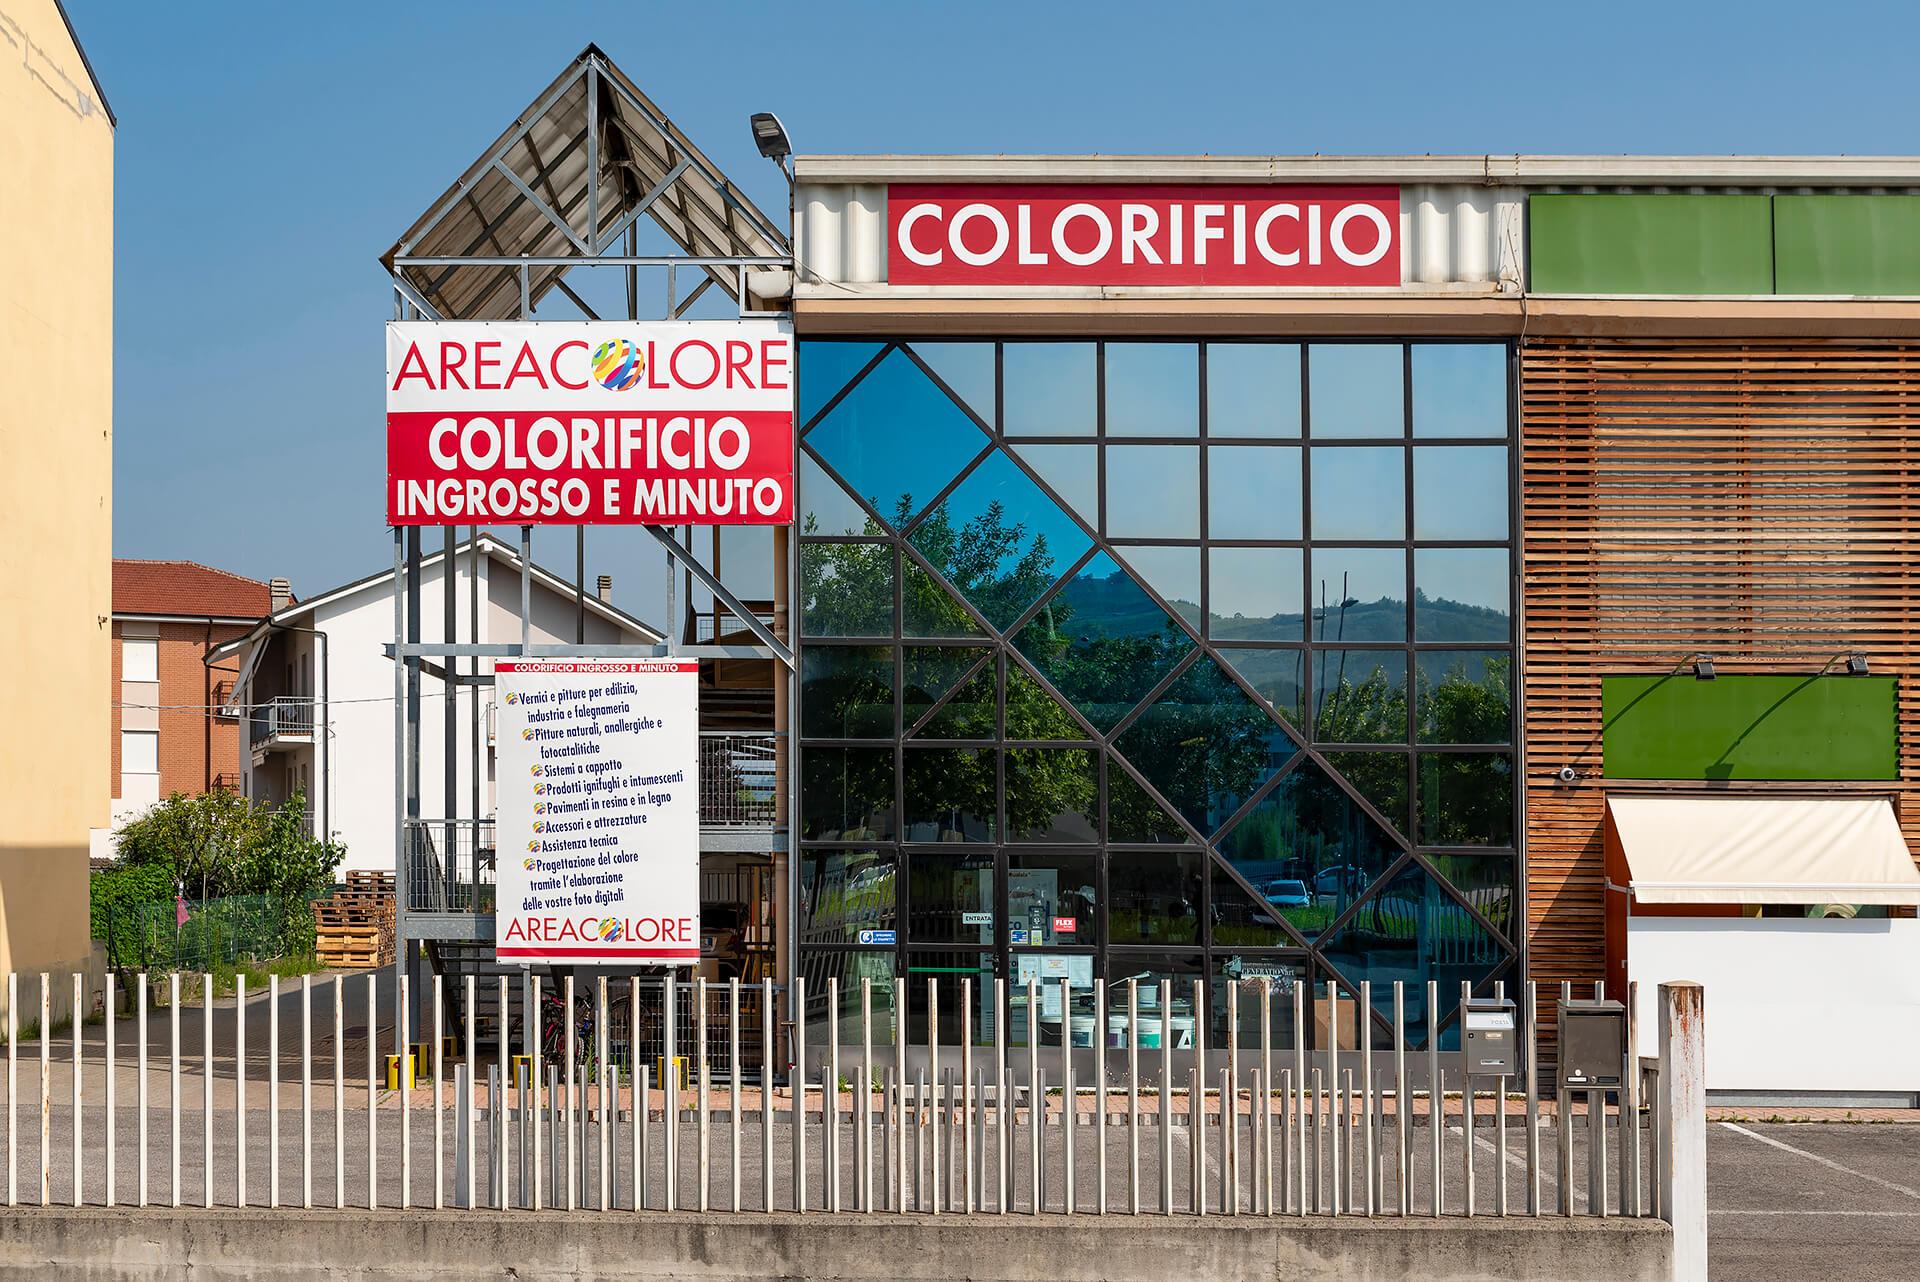 esterno del colorificio area colore ad alba in corso europa